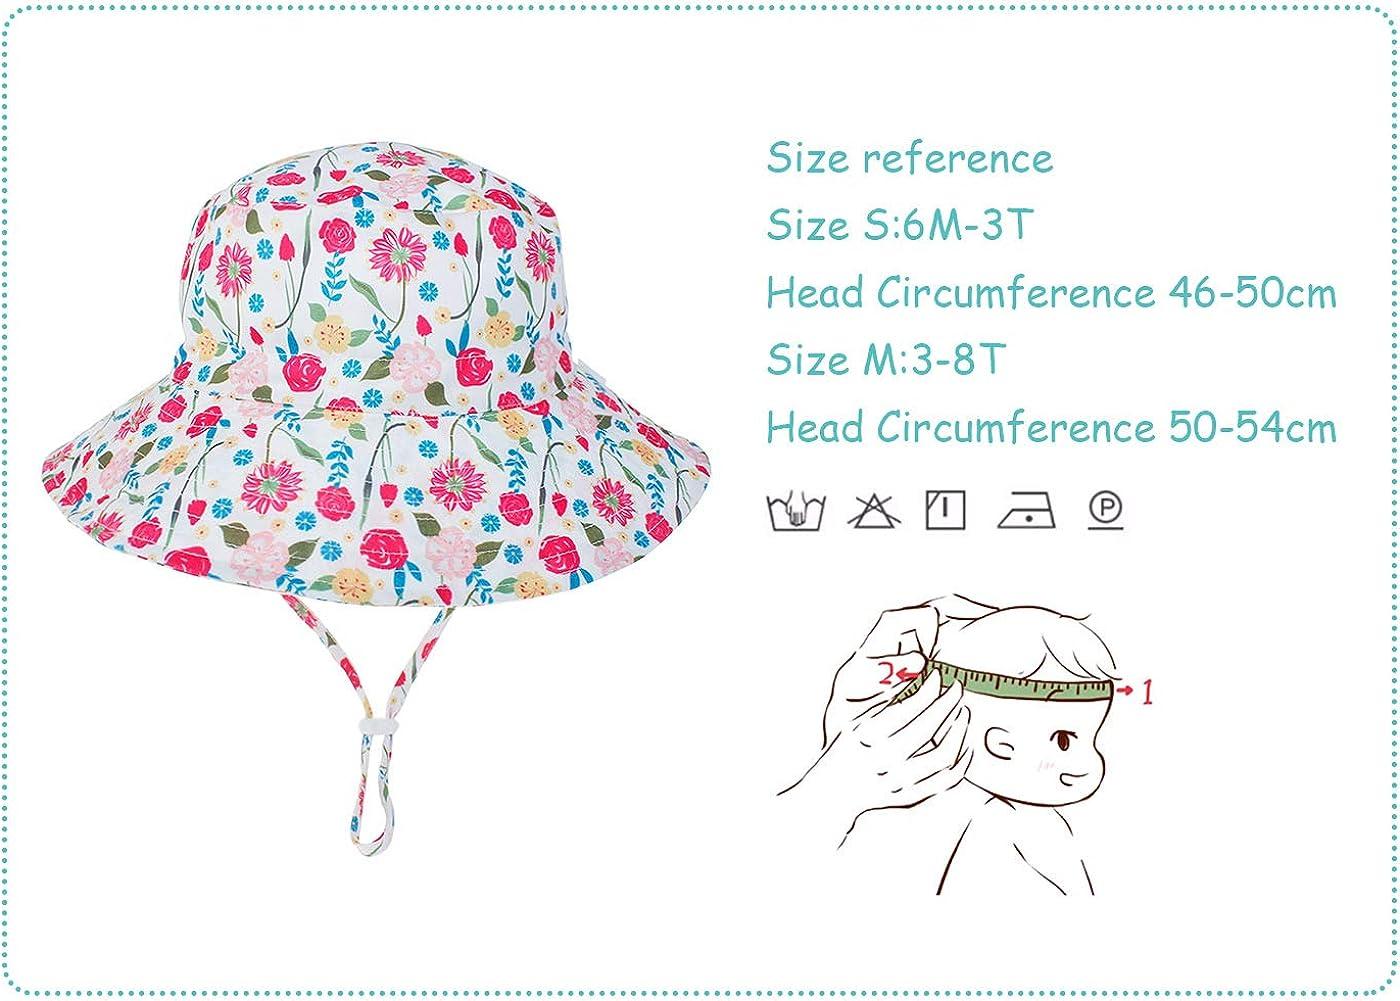 Bambini Cappello da Pescatore Sole Estivo Neonati Bucket Hat Anti-UV Bambino Bambine Bob Berretto con Ala Protezione Solare per Spiaggia Vacanza Viaggio Outdoor Happy Cherry 6-36 Mesi